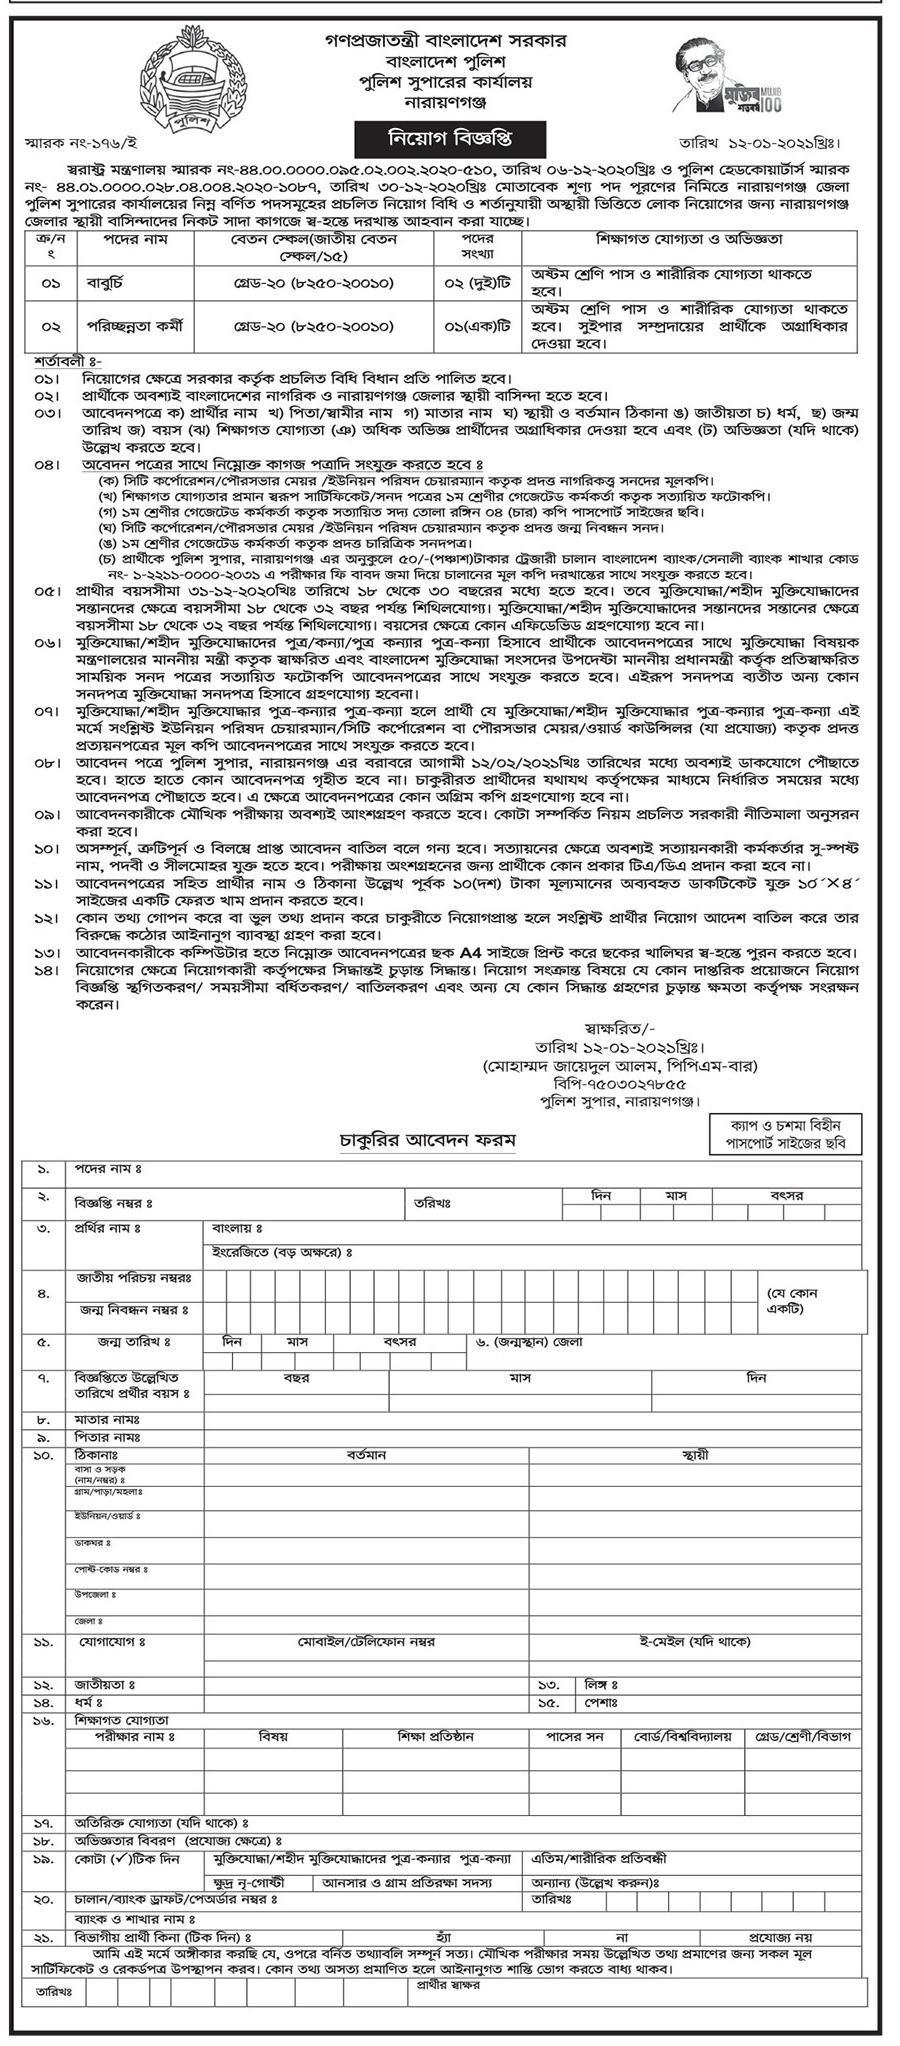 বাংলাদেশ পুলিশ নিয়োগ বিজ্ঞপ্তি ২০২১ - বাংলাদেশ পুলিশের আবারো নতুন নিয়োগ বিজ্ঞপ্তি 2021